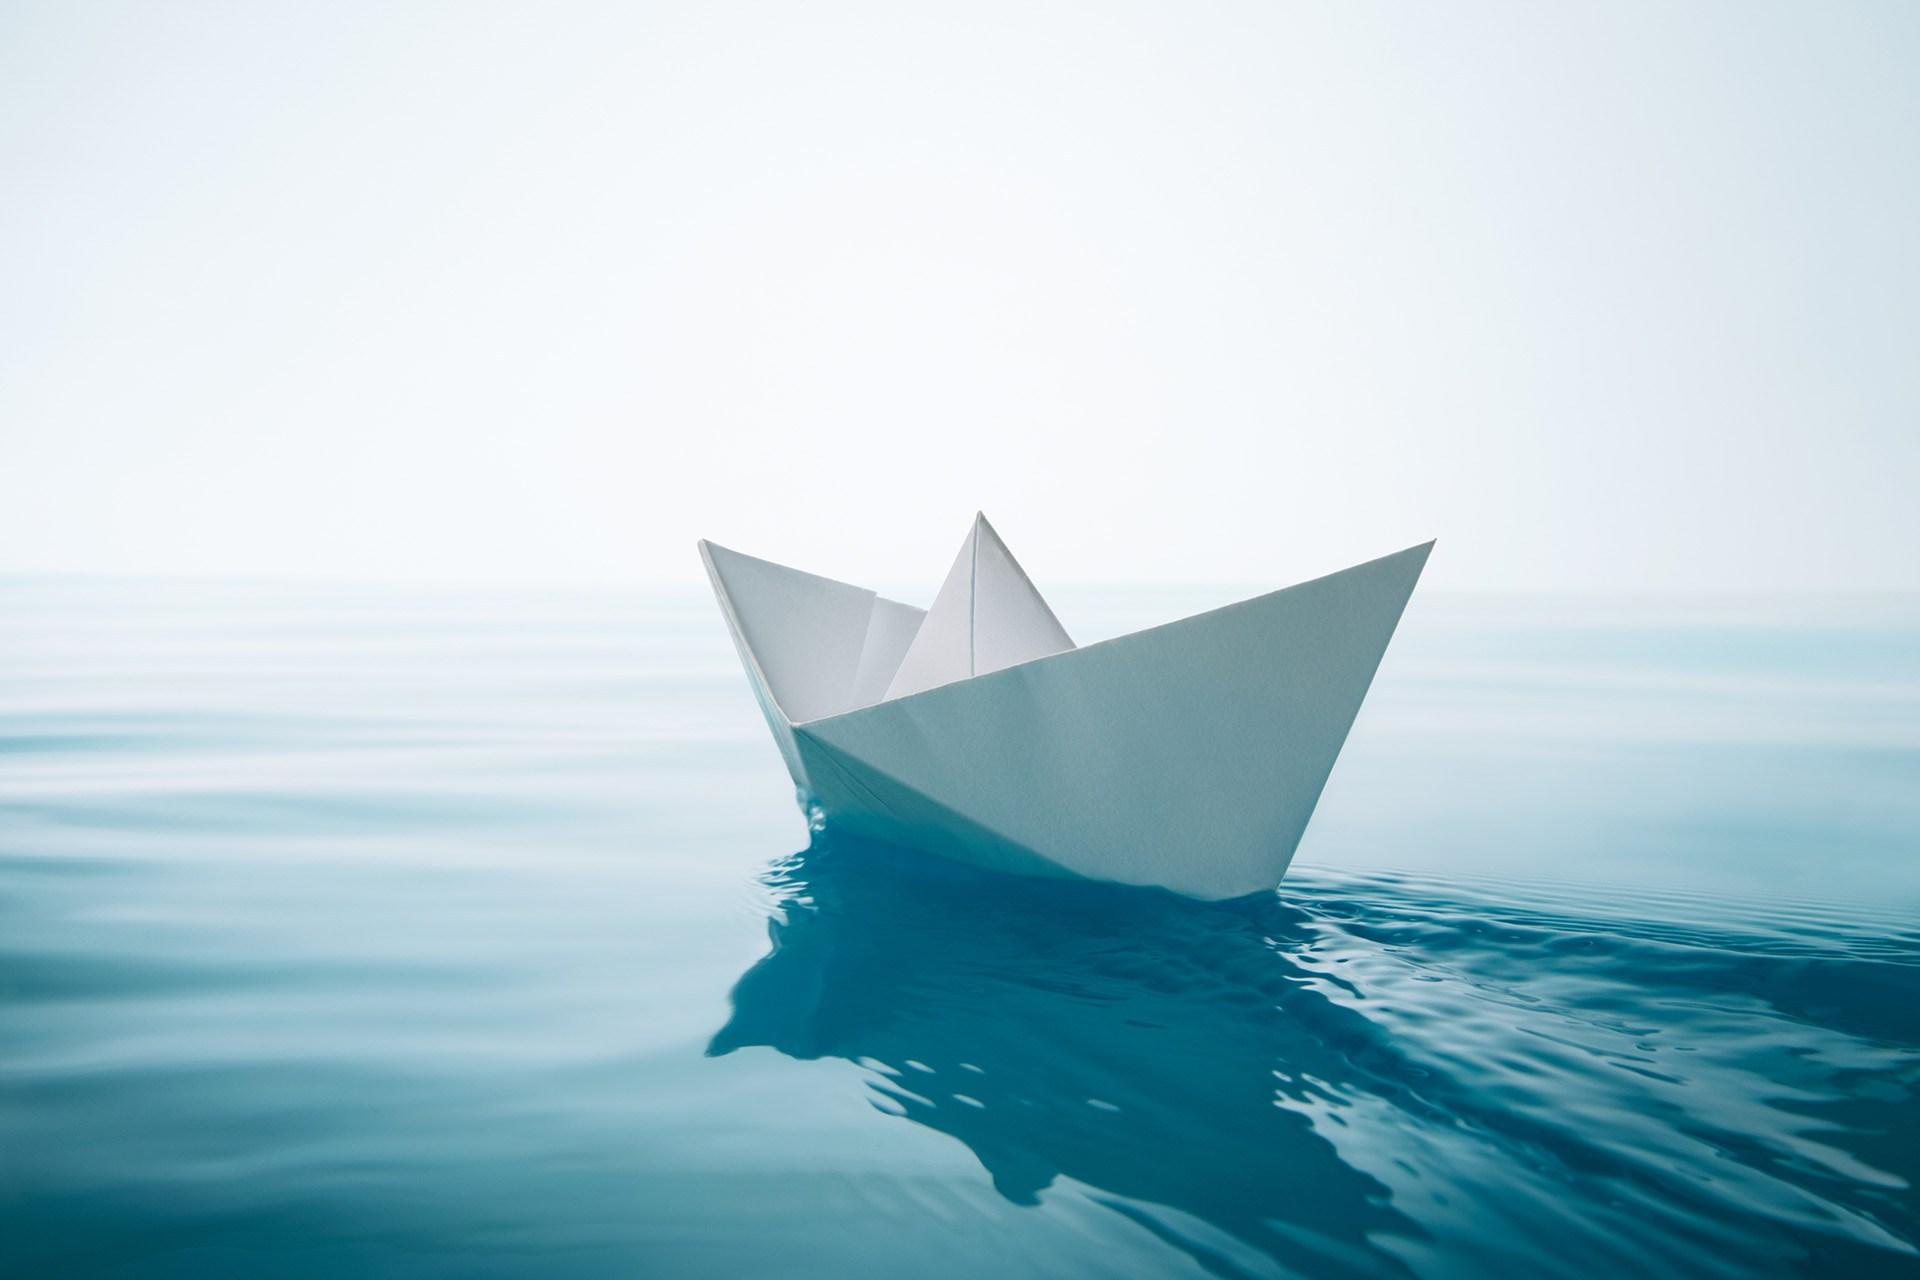 安倍政権とトランプ政権の、水面下の見えないところで・・・